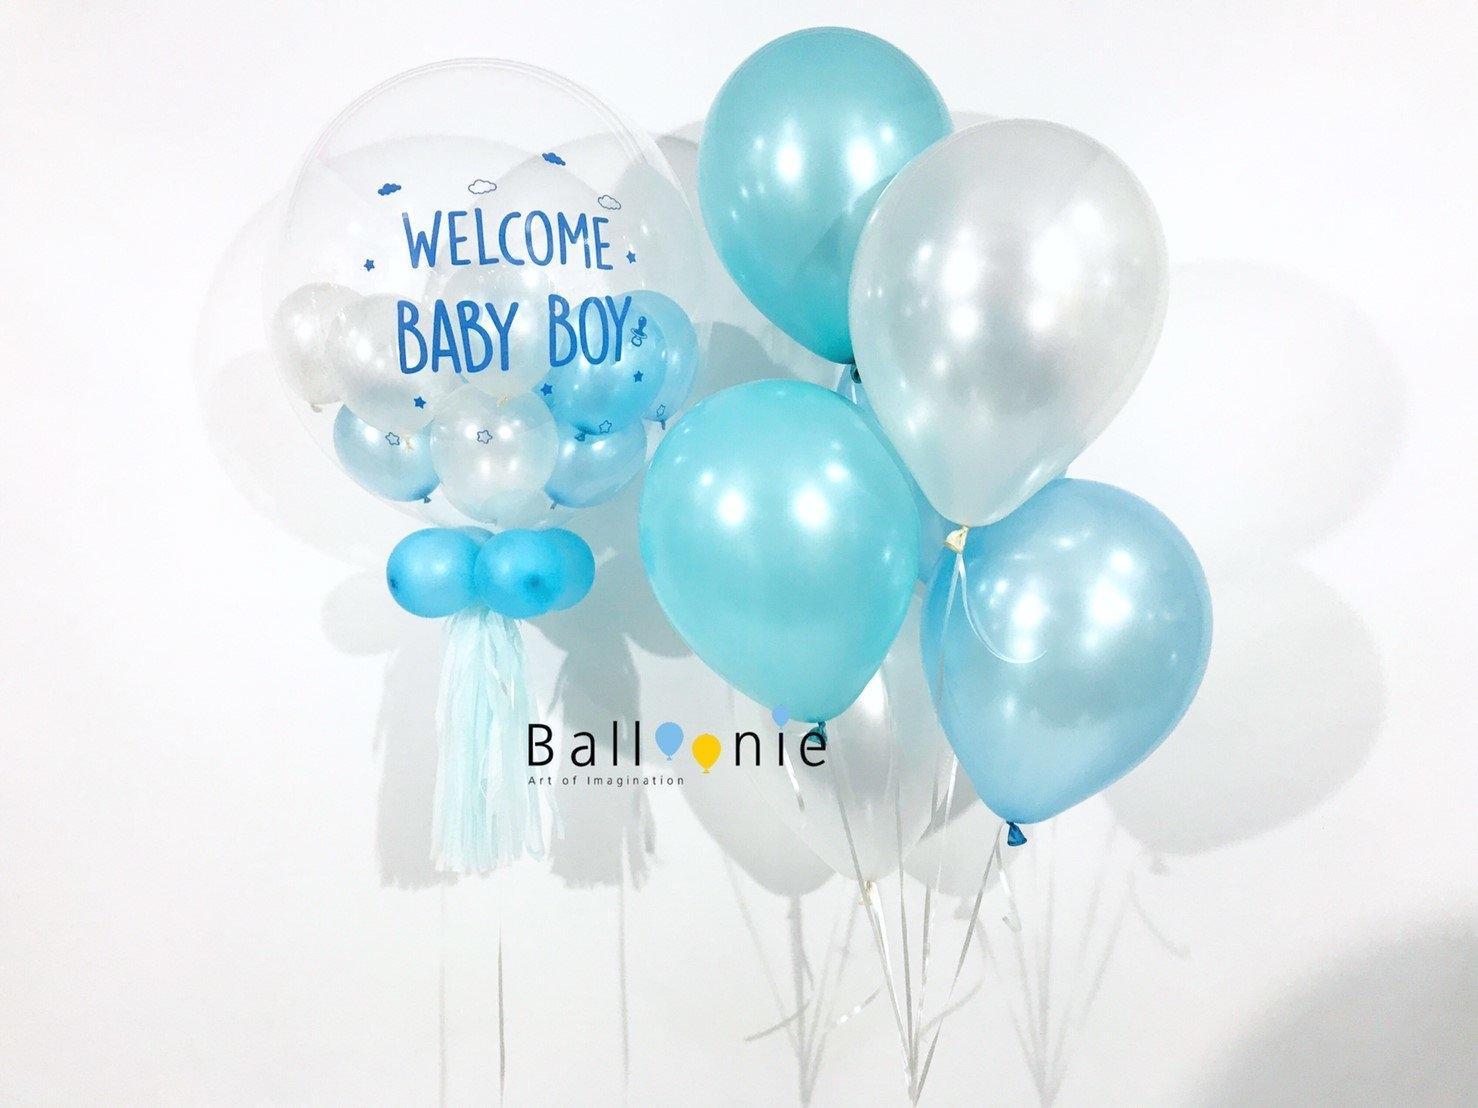 ลูกโป่งเด็กแรกเกิด welcome baby boy Set 3